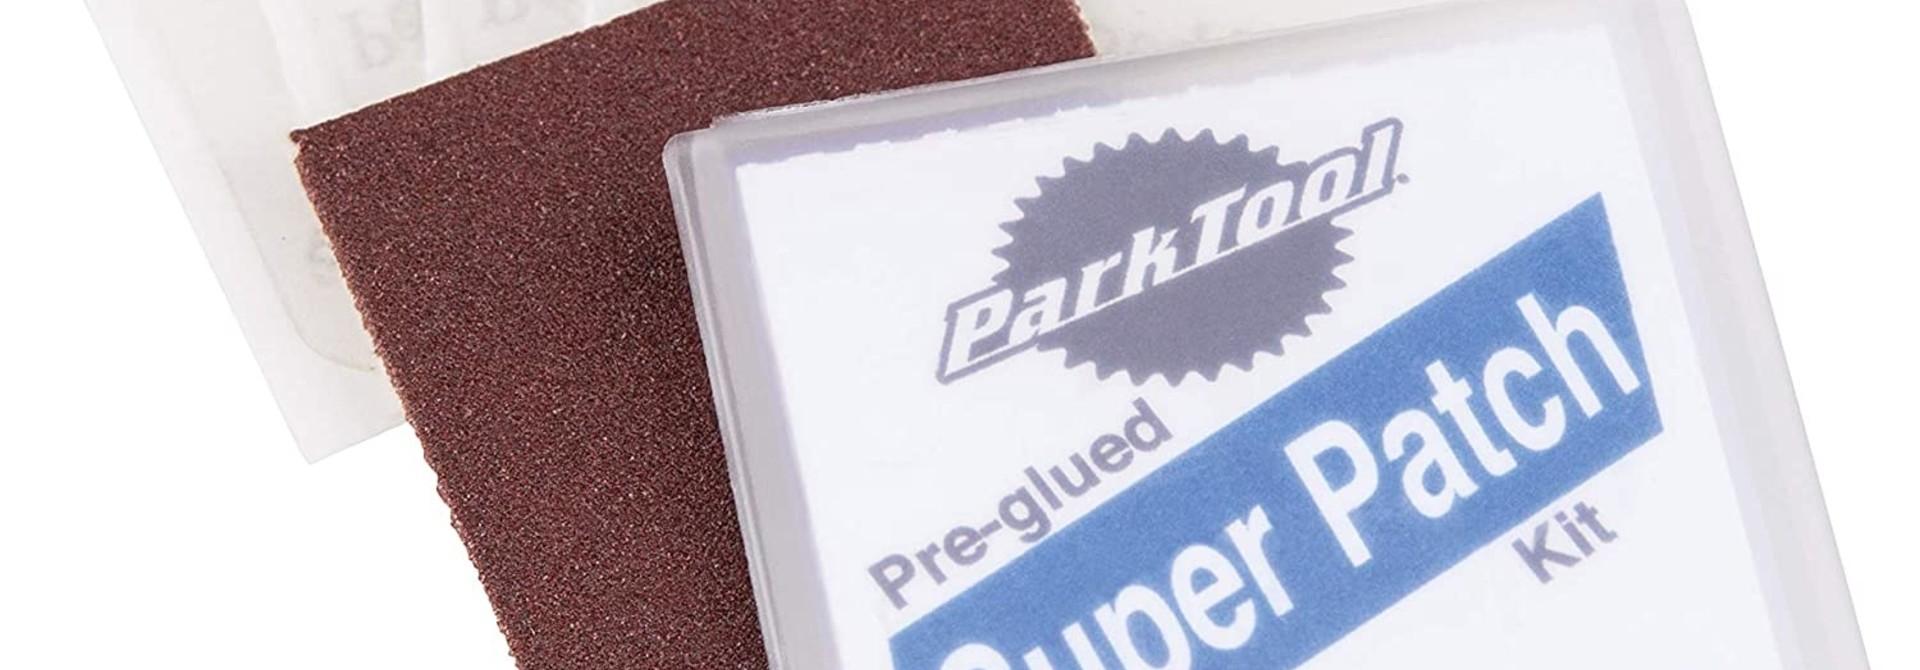 Kit de Patch GP-2